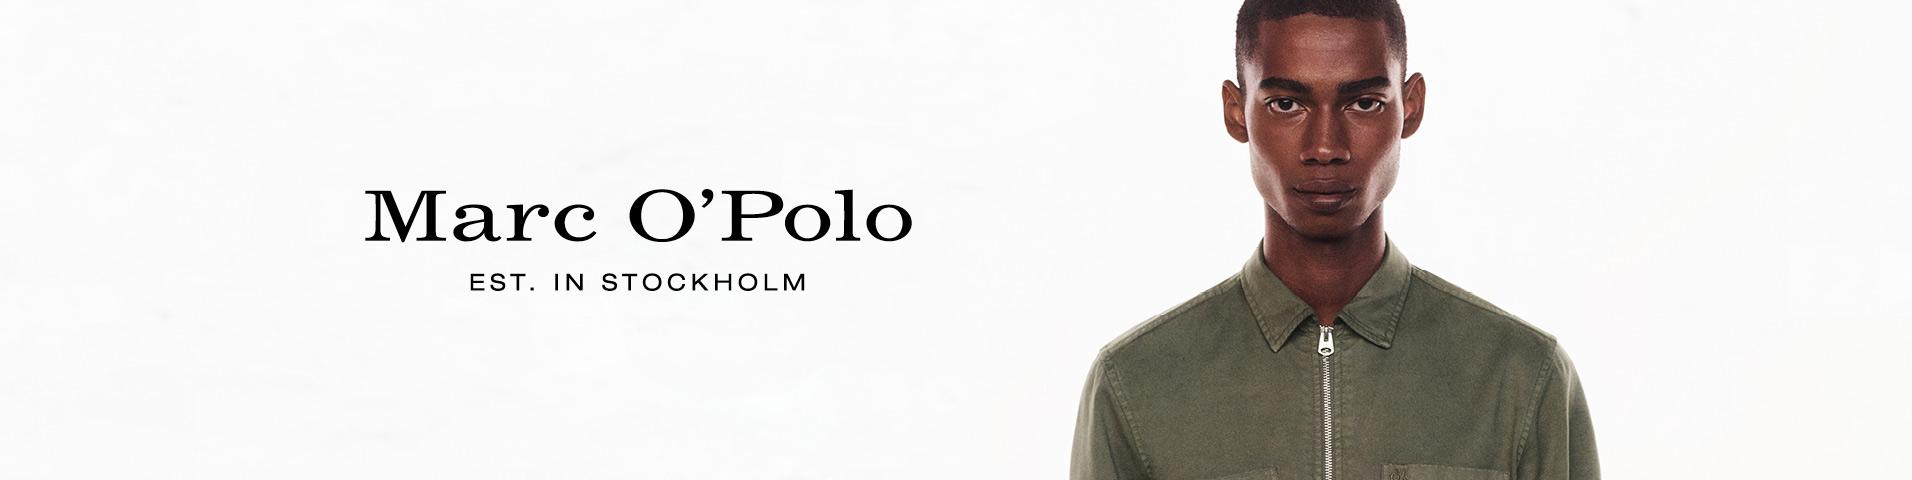 Collezione uomo Marc O'Polo | Scoprila su Zalando